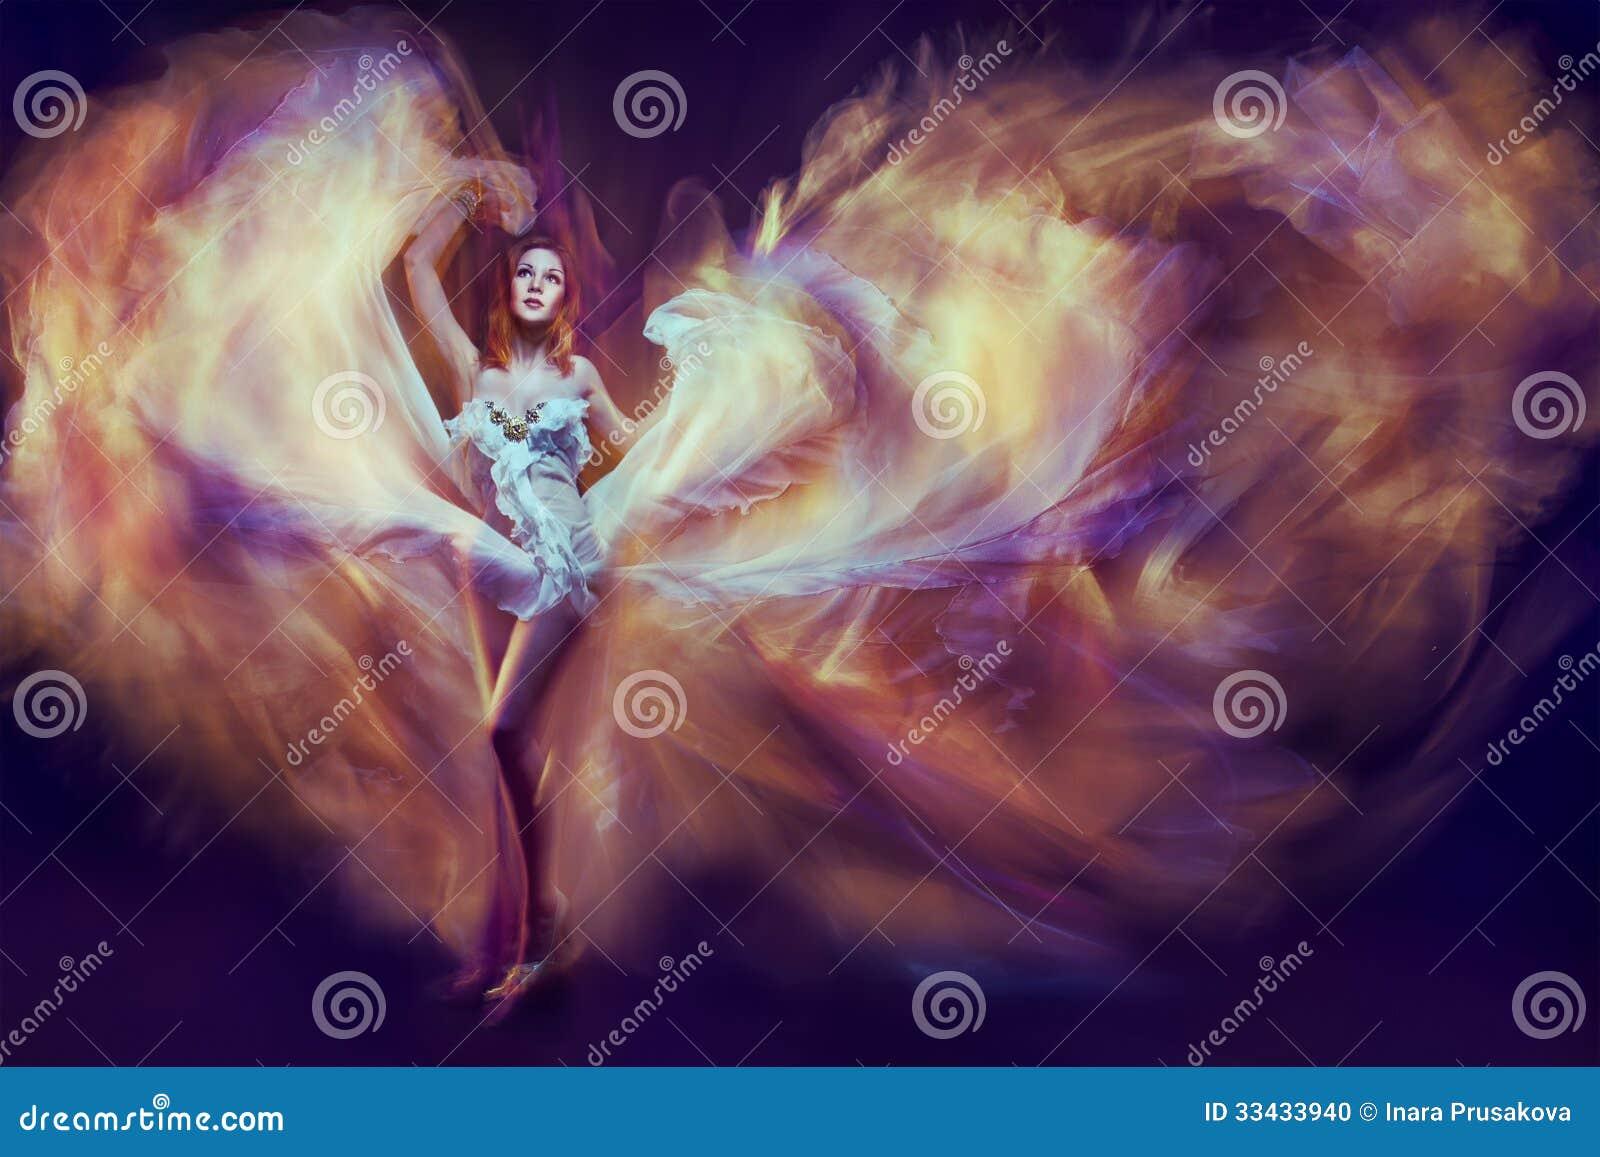 Kobieta w falowanie sukni jako płomienia taniec z latającą tkaniną. Dar